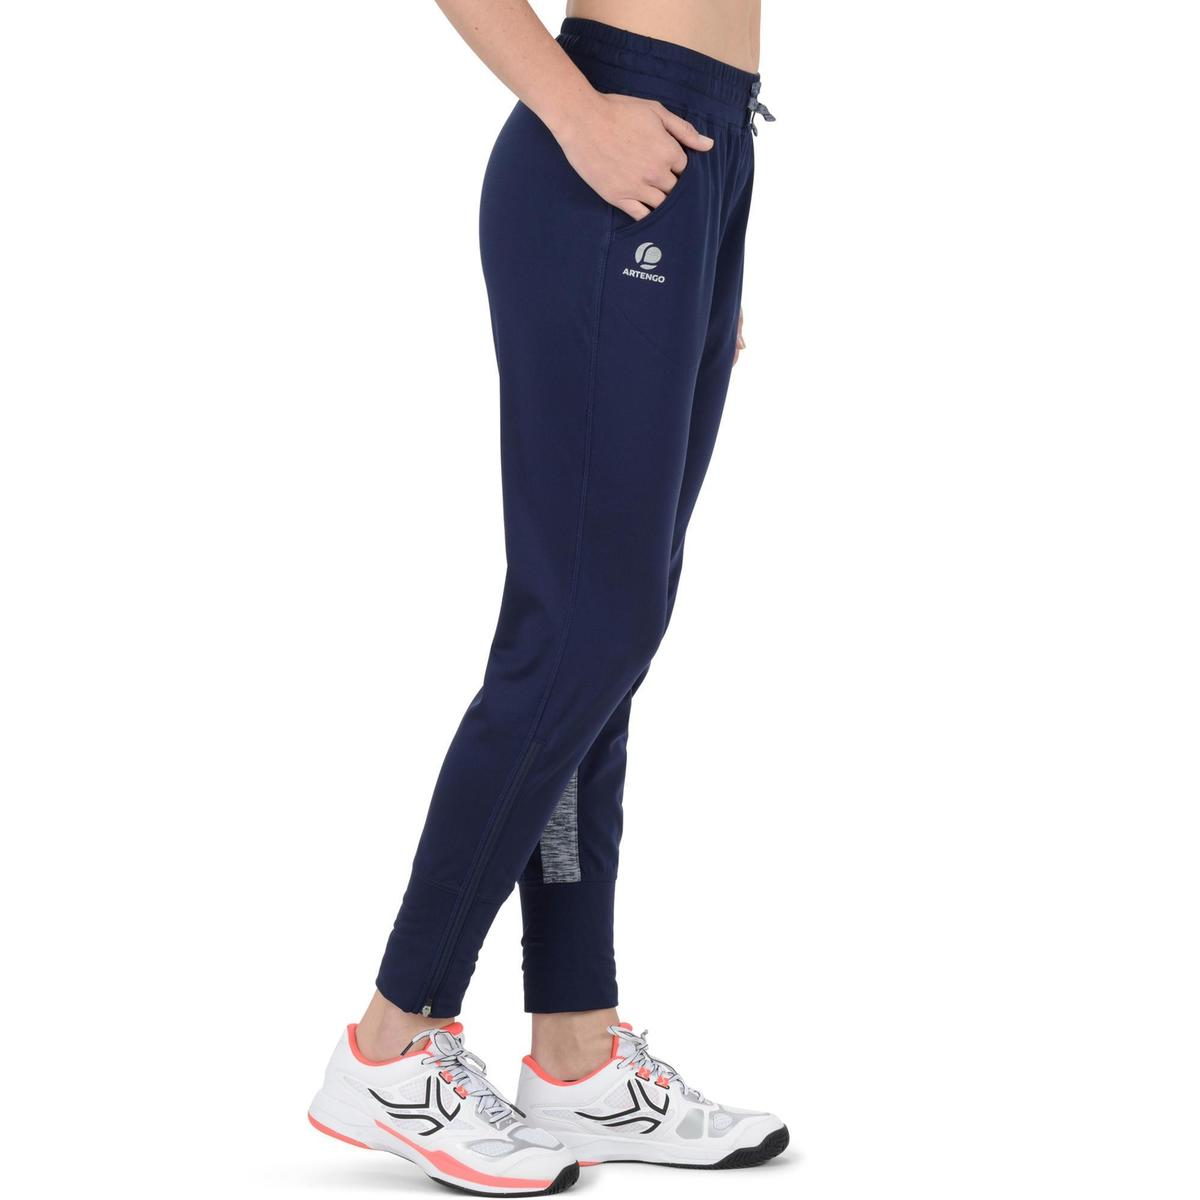 Bild 3 von Tennishose Trainingshose Warm 500 Tennis Damen marineblau